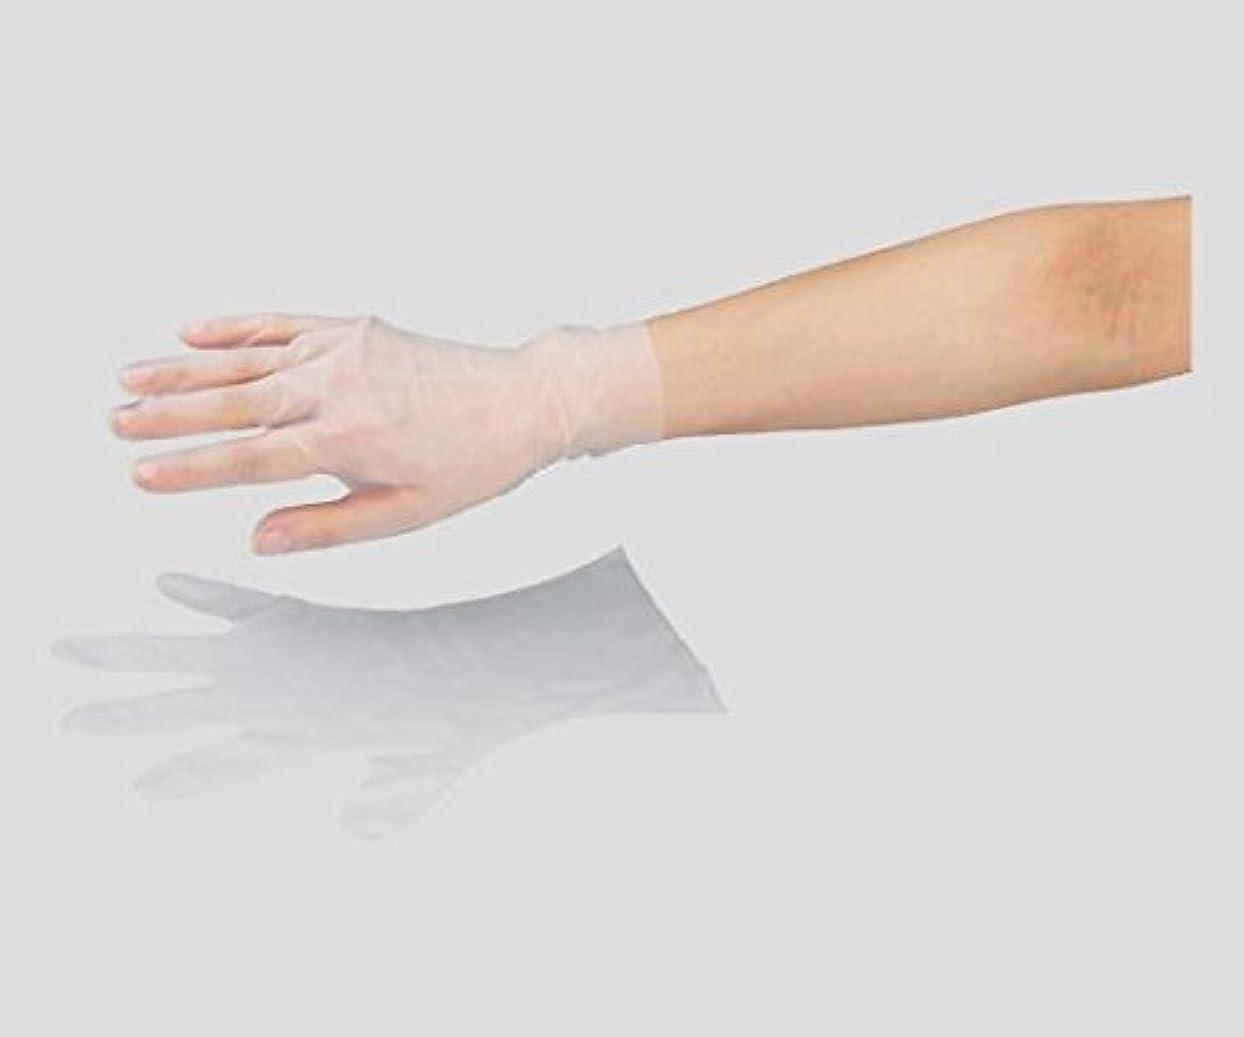 事業内容持っているマンハッタンアズワン1-1683-02フィット手袋S